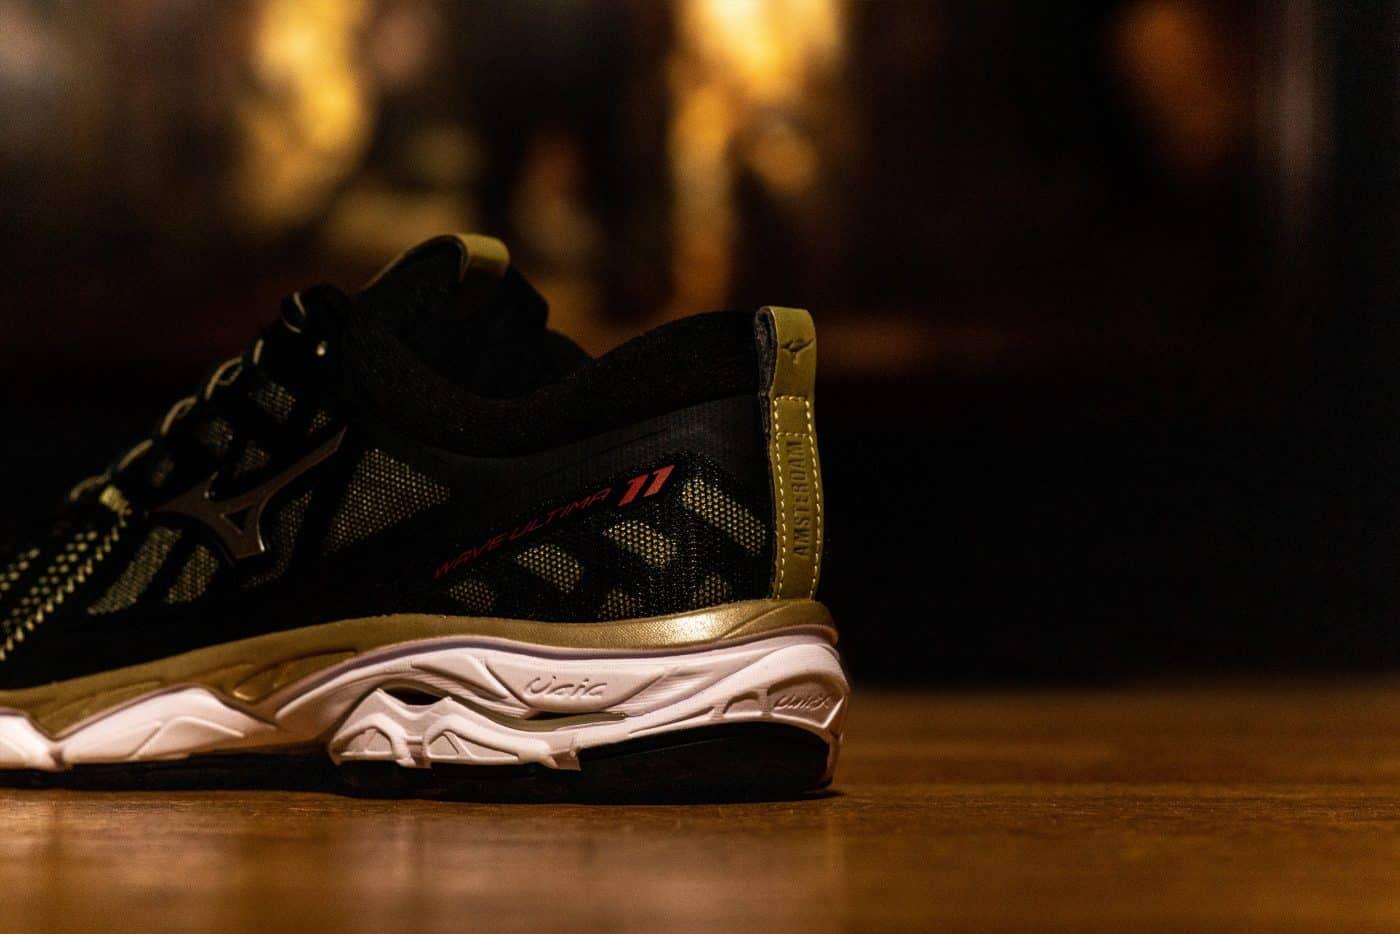 mizuno-wave-ultima-11-amsterdam-running-chaussures-runpack-3